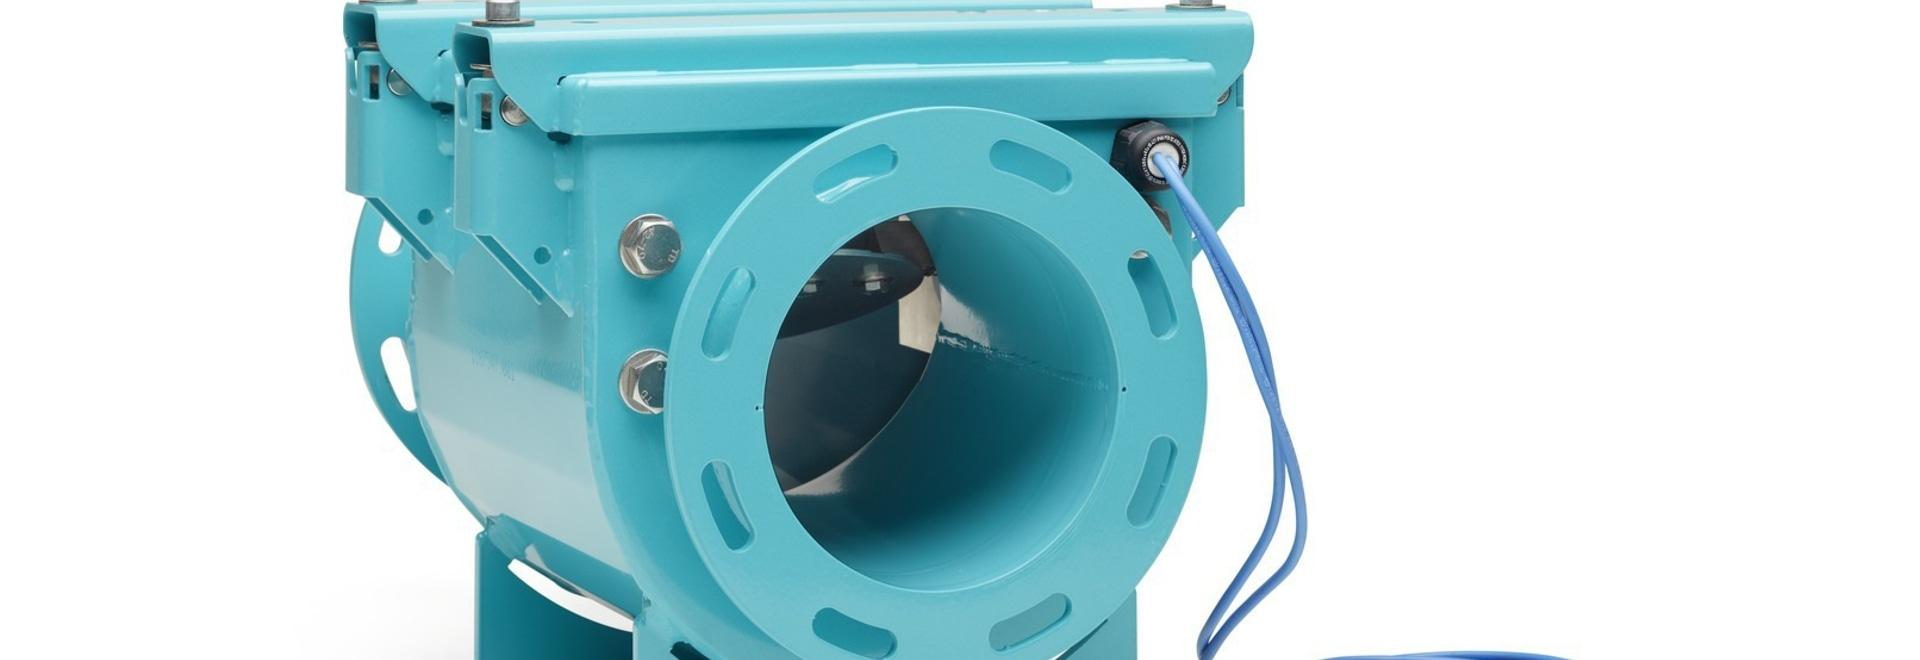 Q-Flap RX™ Válvula de aislamiento contra explosiones